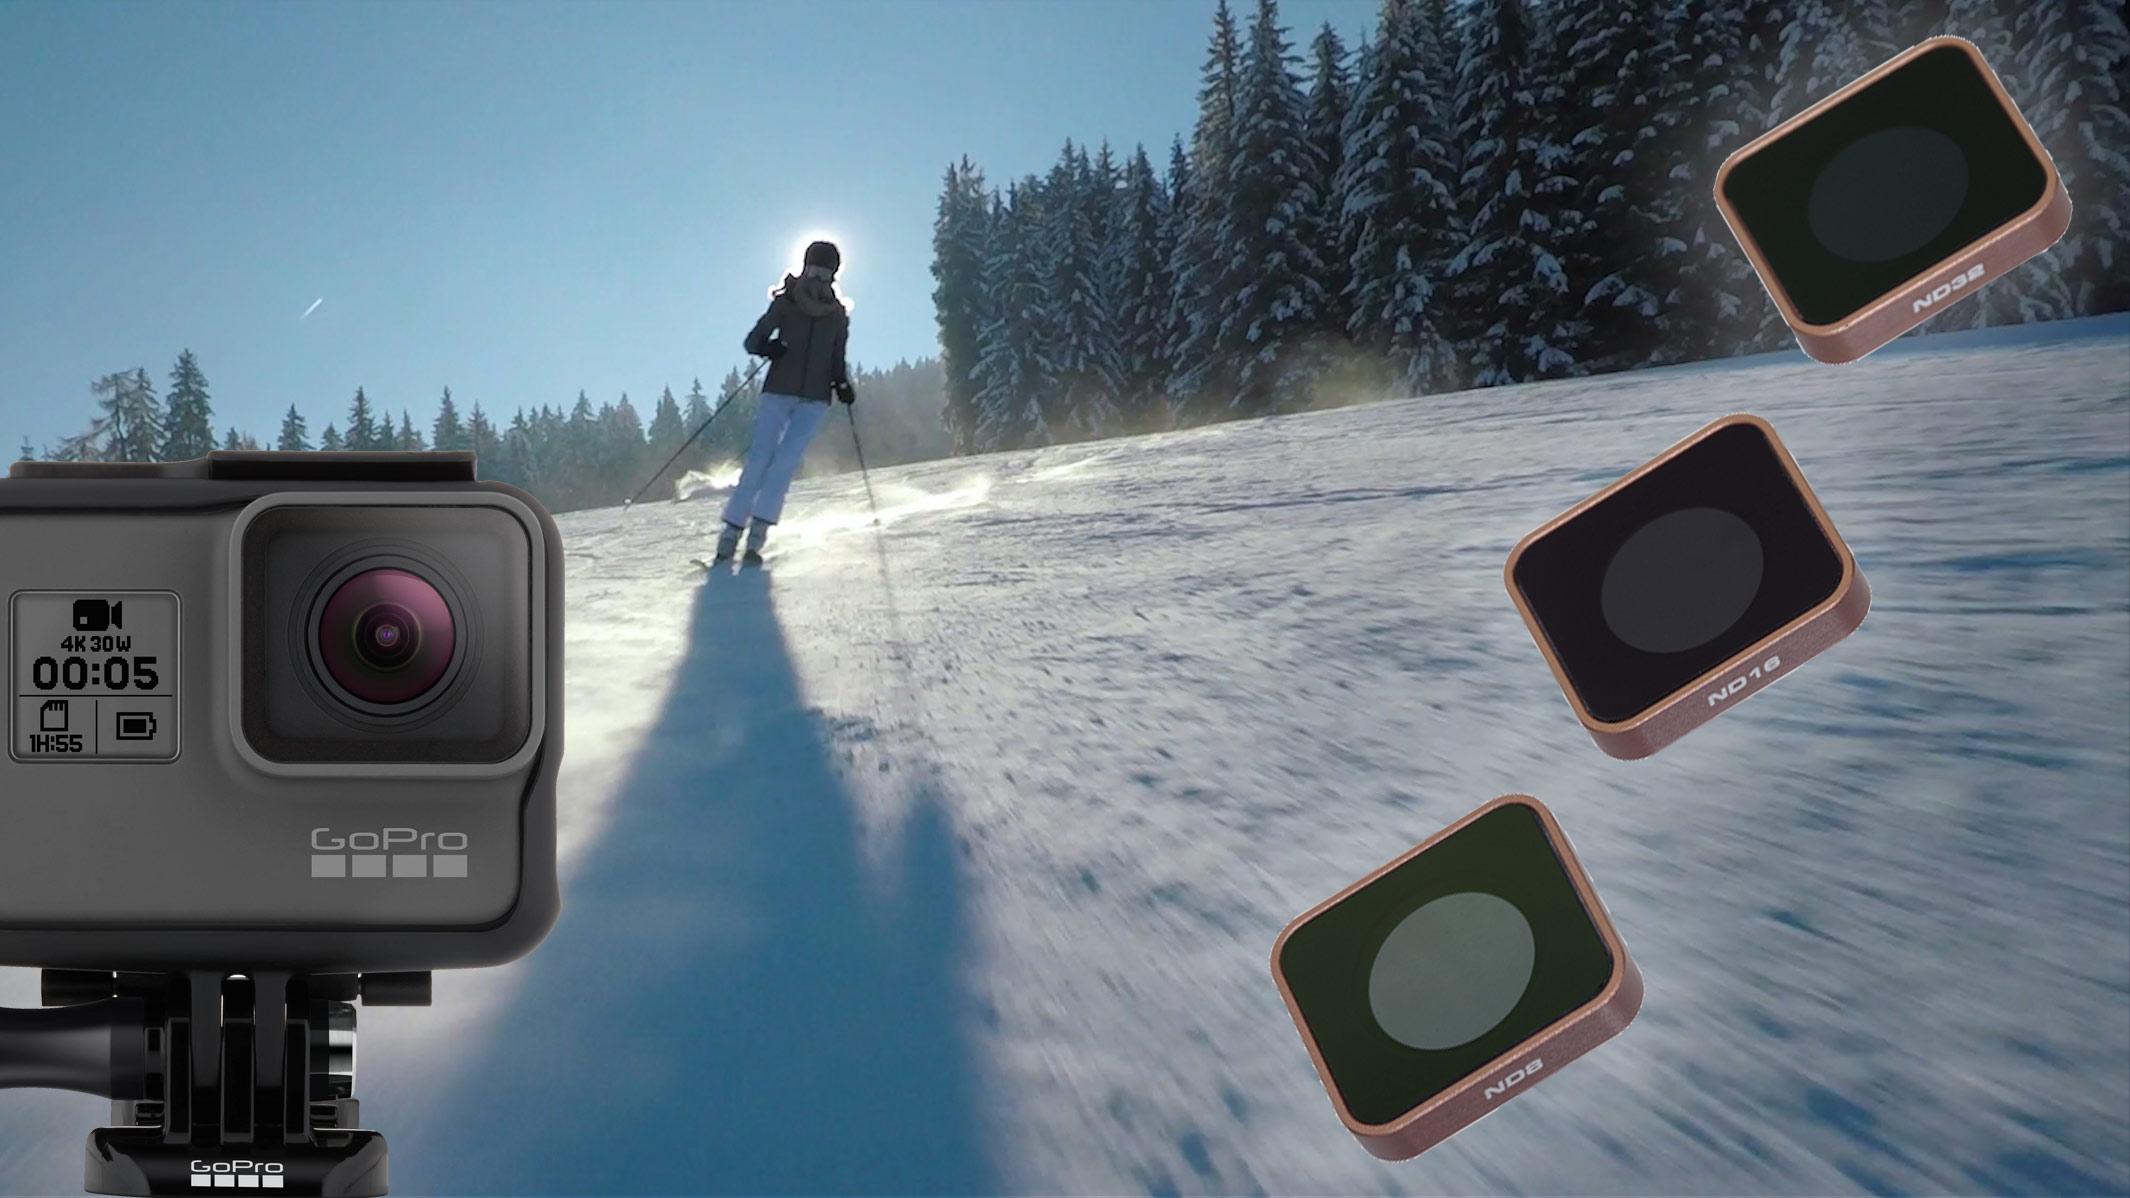 GoPro用NDフィルター ➖ PolarPro Cinema シリーズNDフィルターレビュー